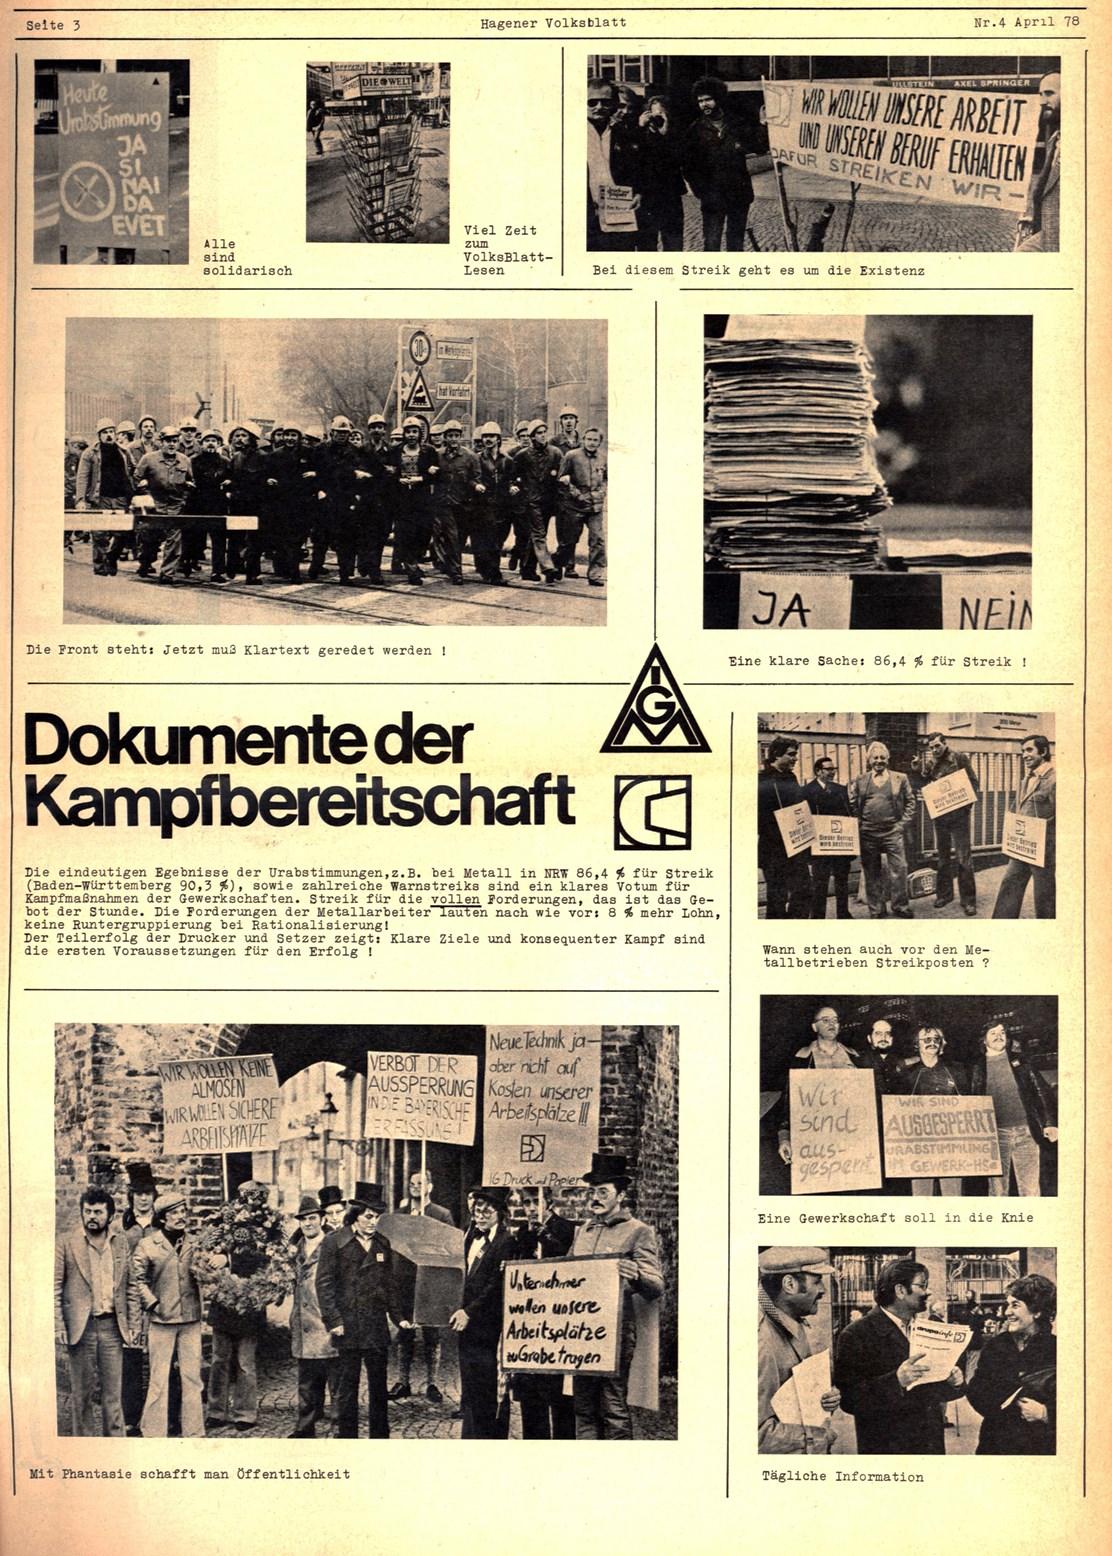 Hagen_Volksblatt_19780400_03